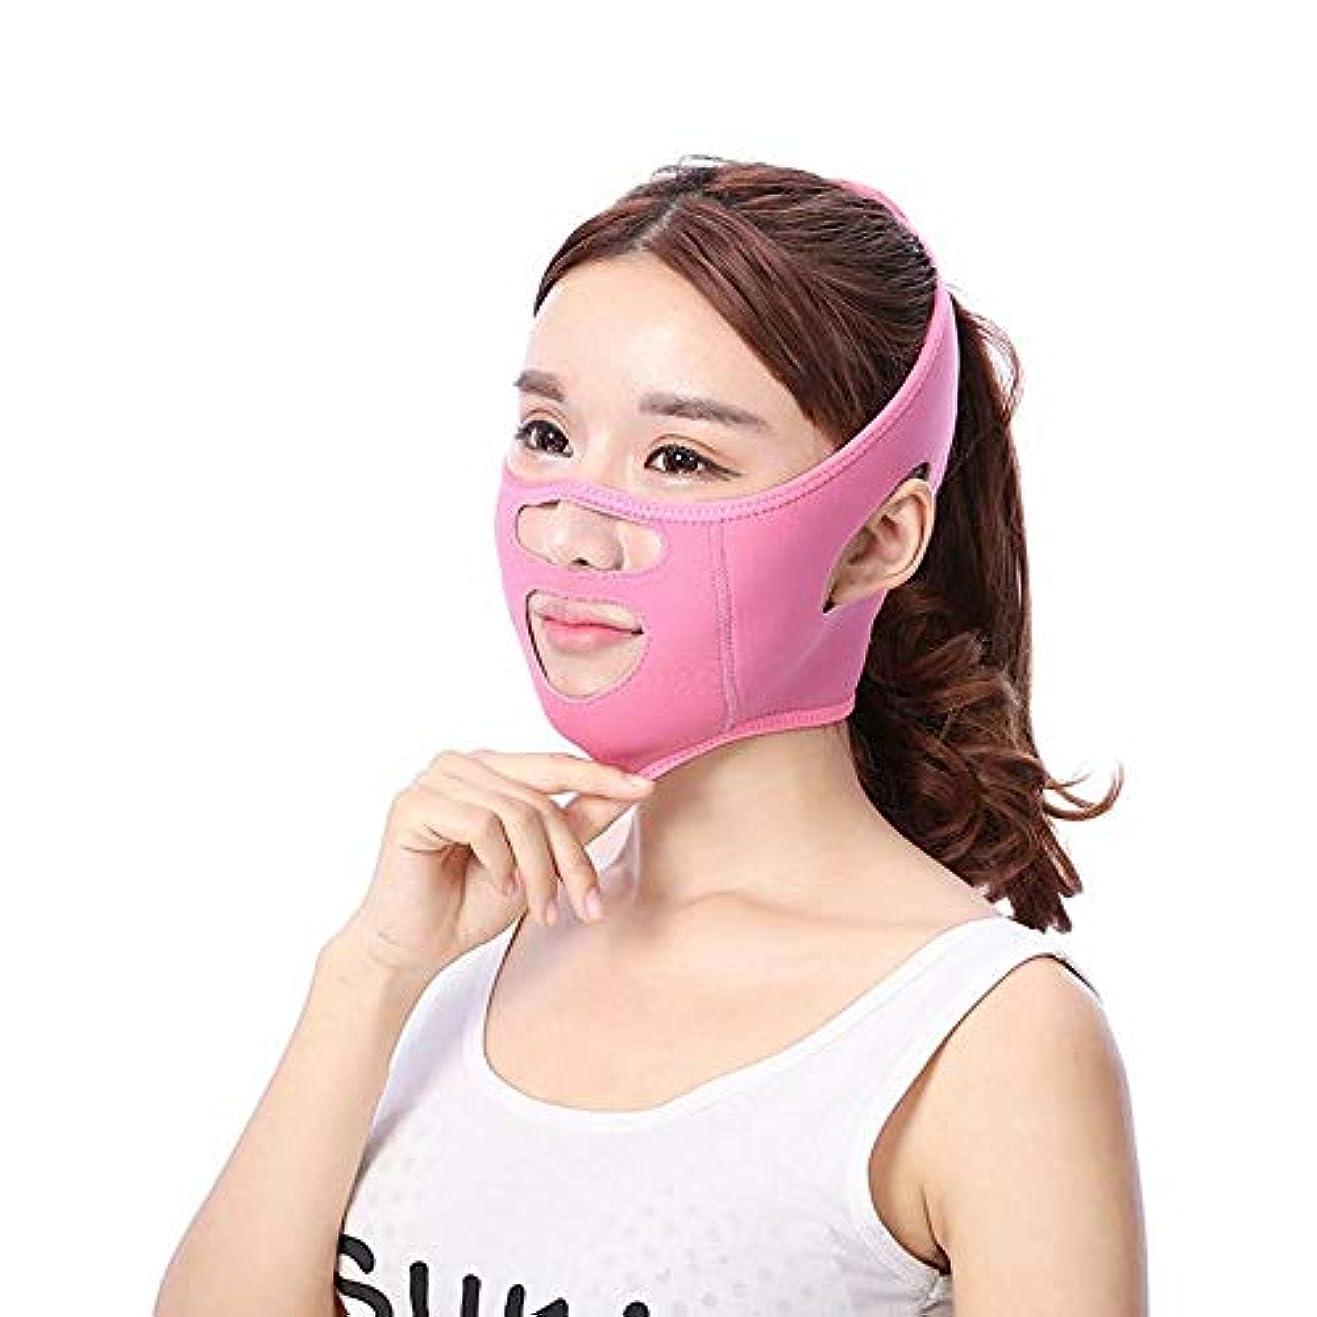 キモい防ぐ守るJia Jia- シンフェイスアーティファクトリフティング引き締めフェイス睡眠包帯フェイシャルリフティングアンチ垂れ下がり法律パターンステッカー8ワード口角 - ピンク 顔面包帯